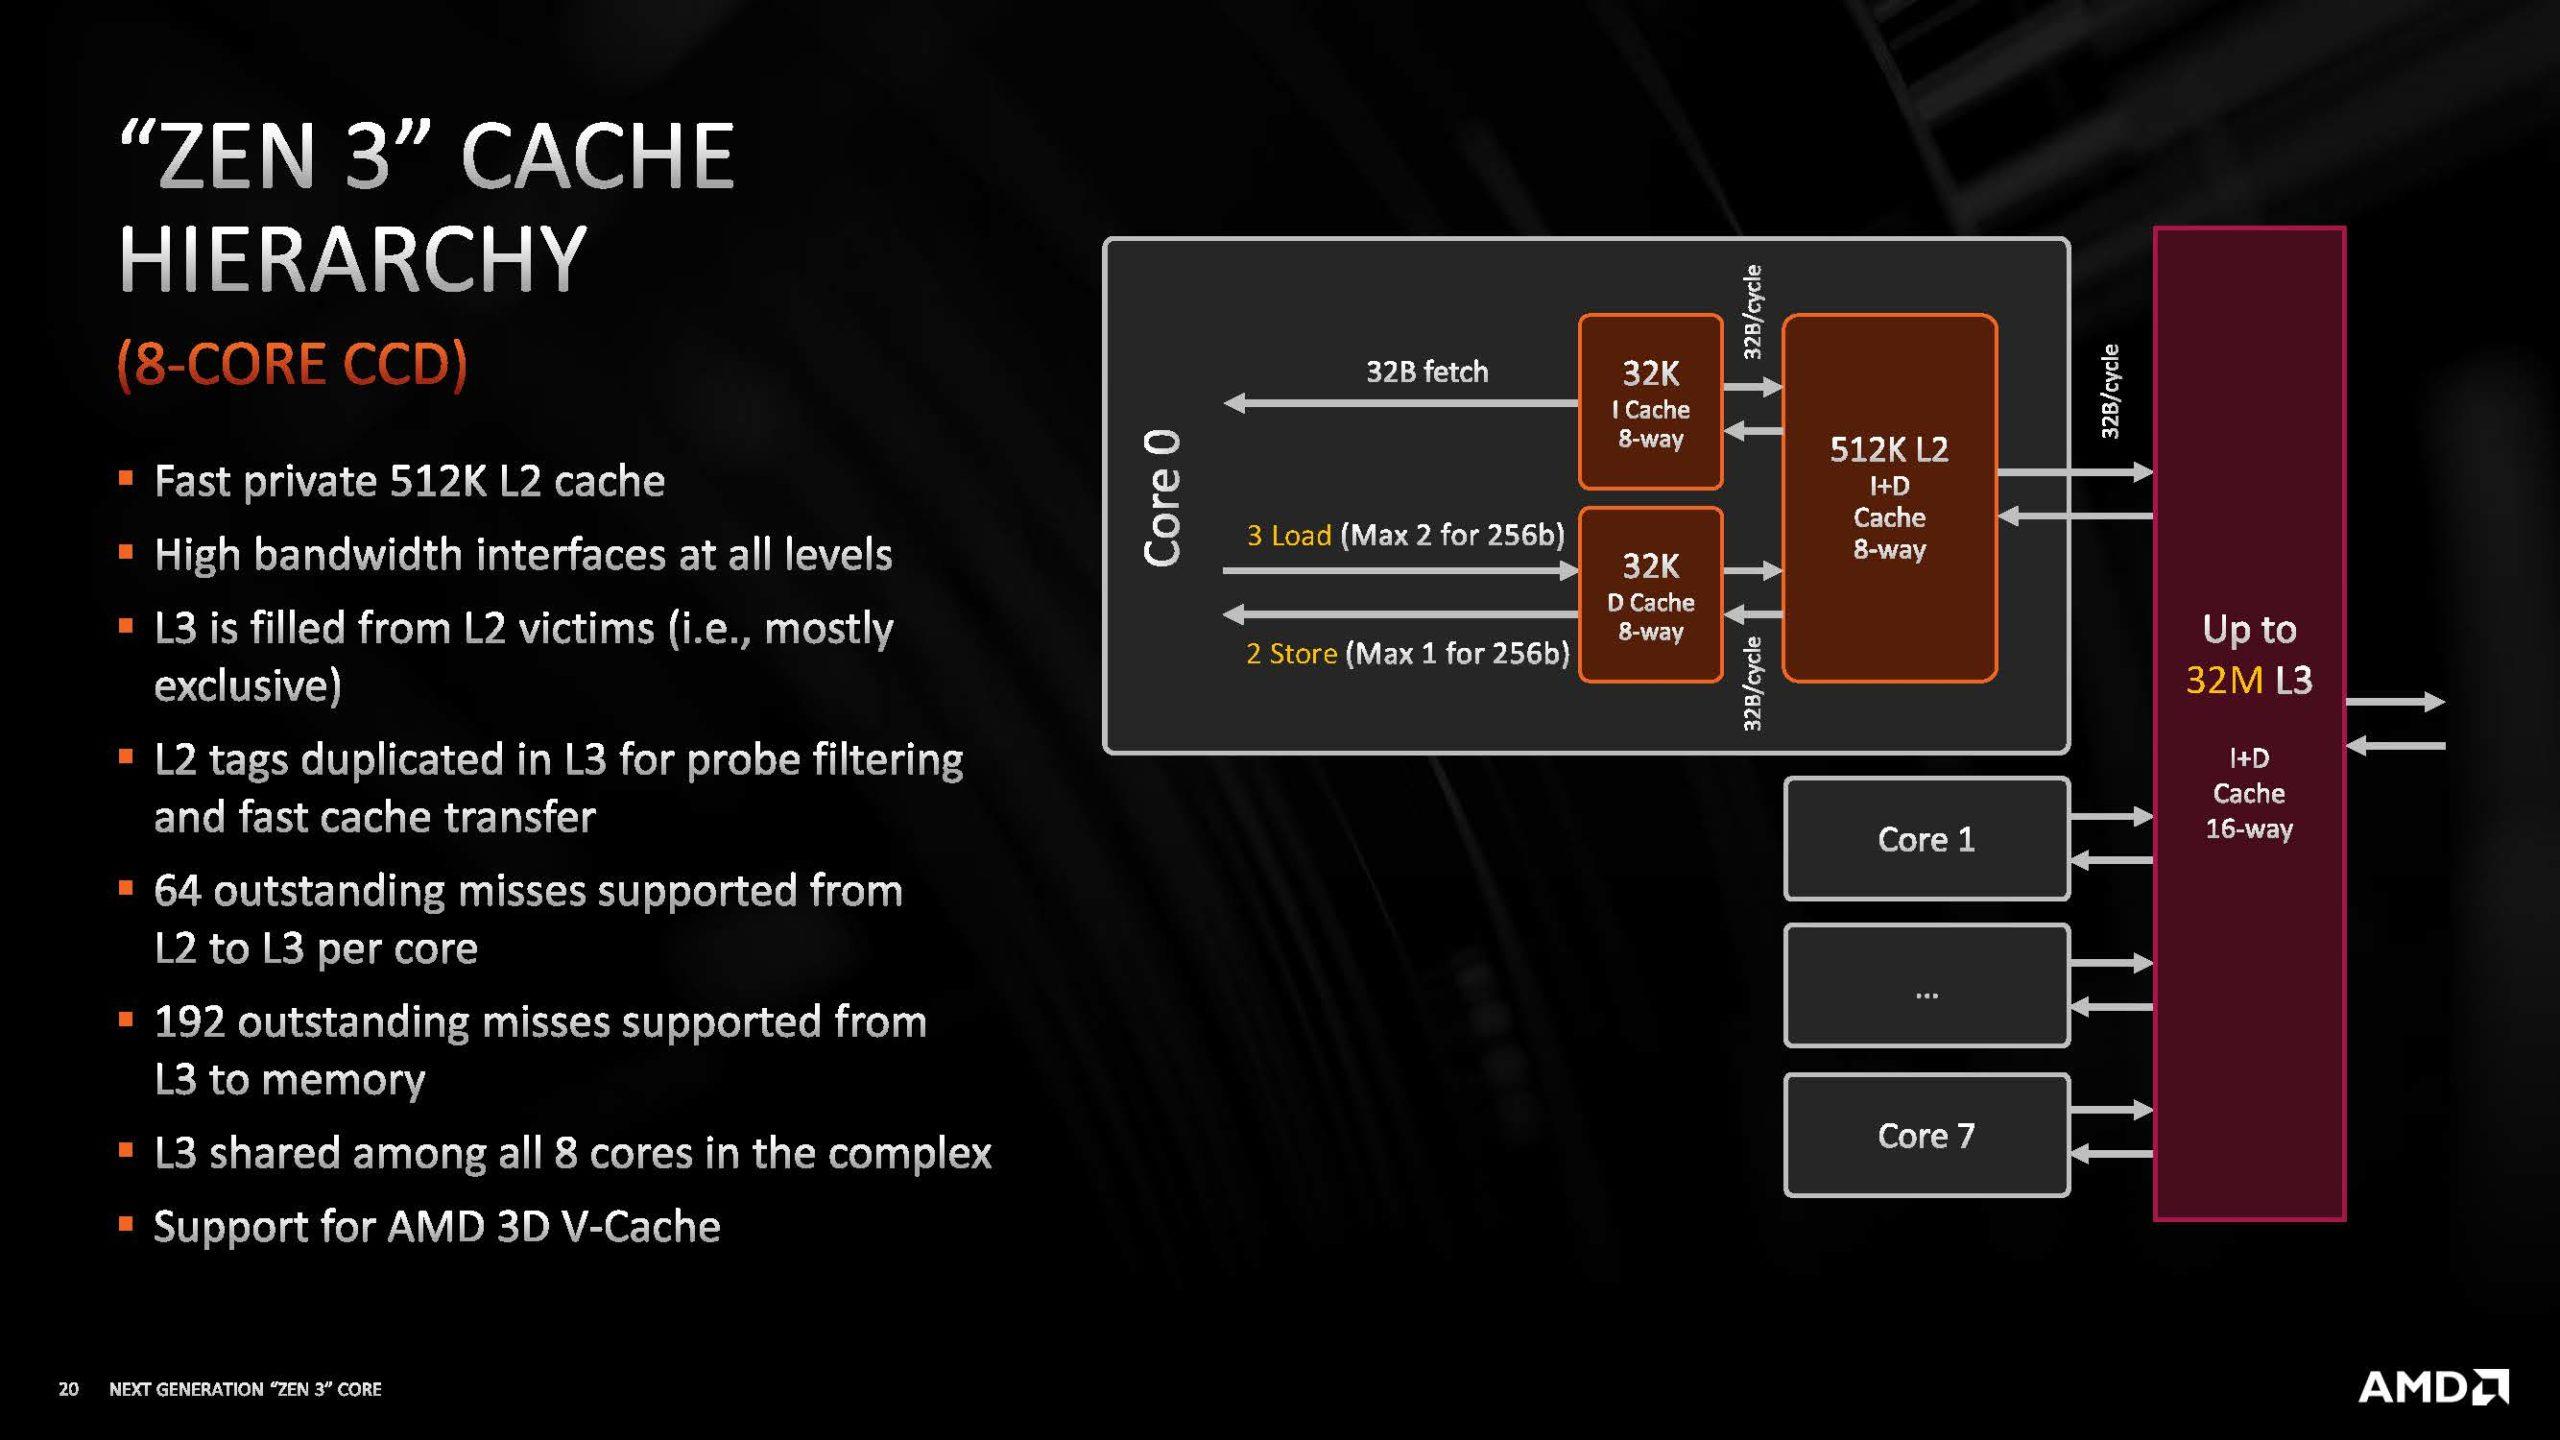 HC33 AMD Zen 3 Cache Hierarchy